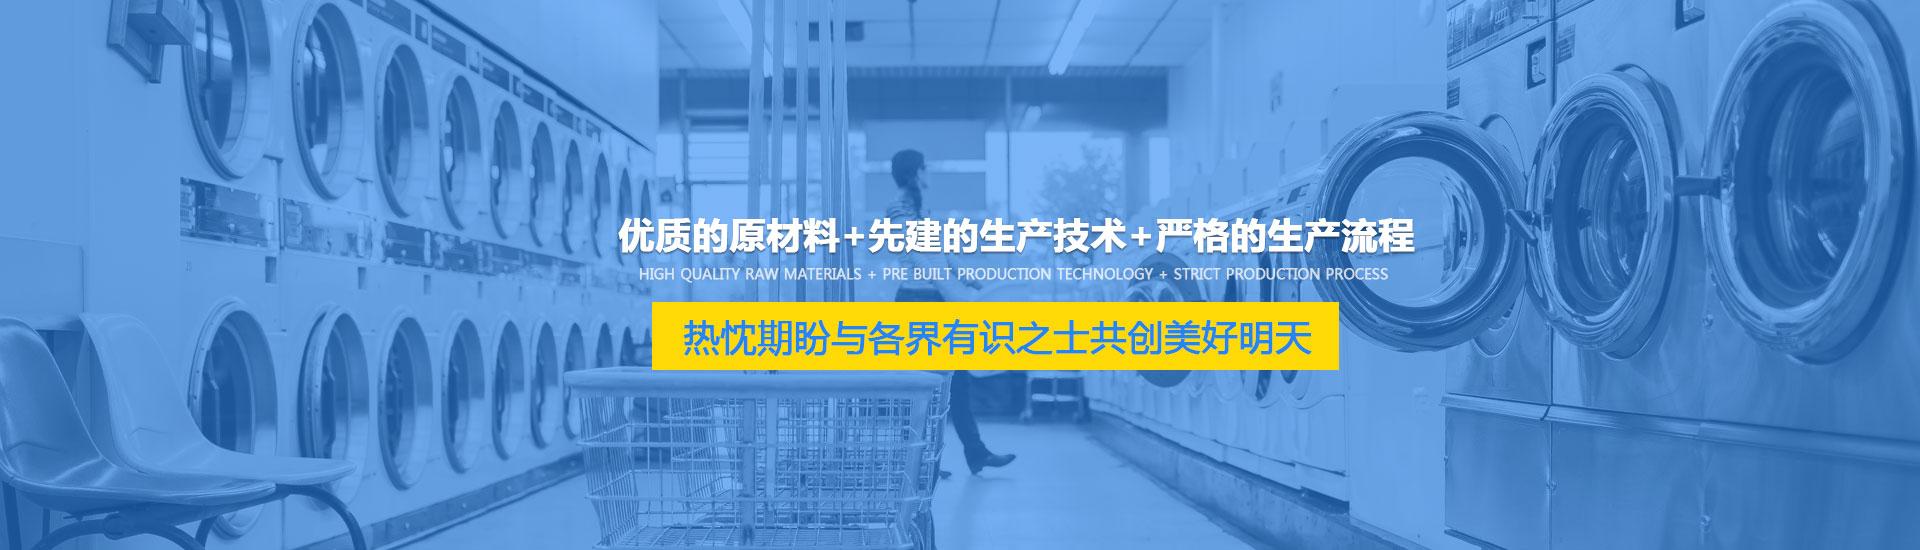 重庆洗衣房设备